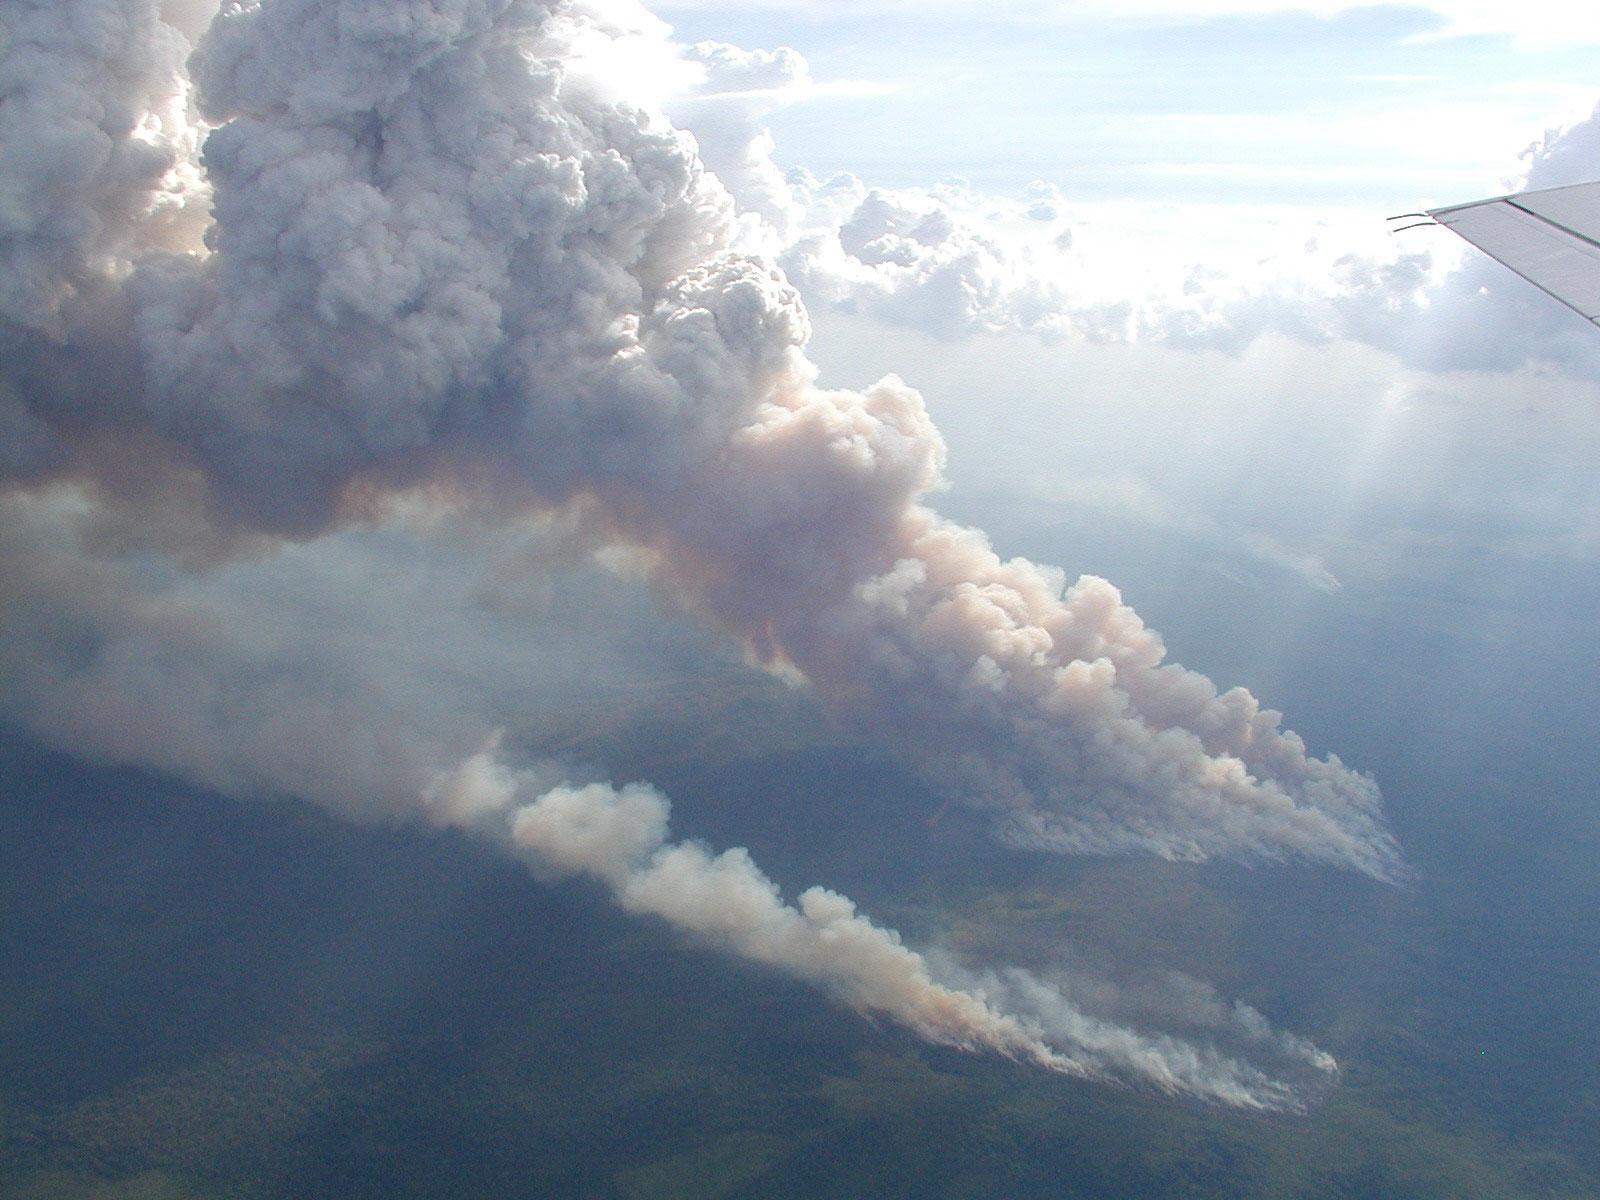 Les plus gros arbres sont abattus mais le reste est brûlé pour laisser place à l'agriculture